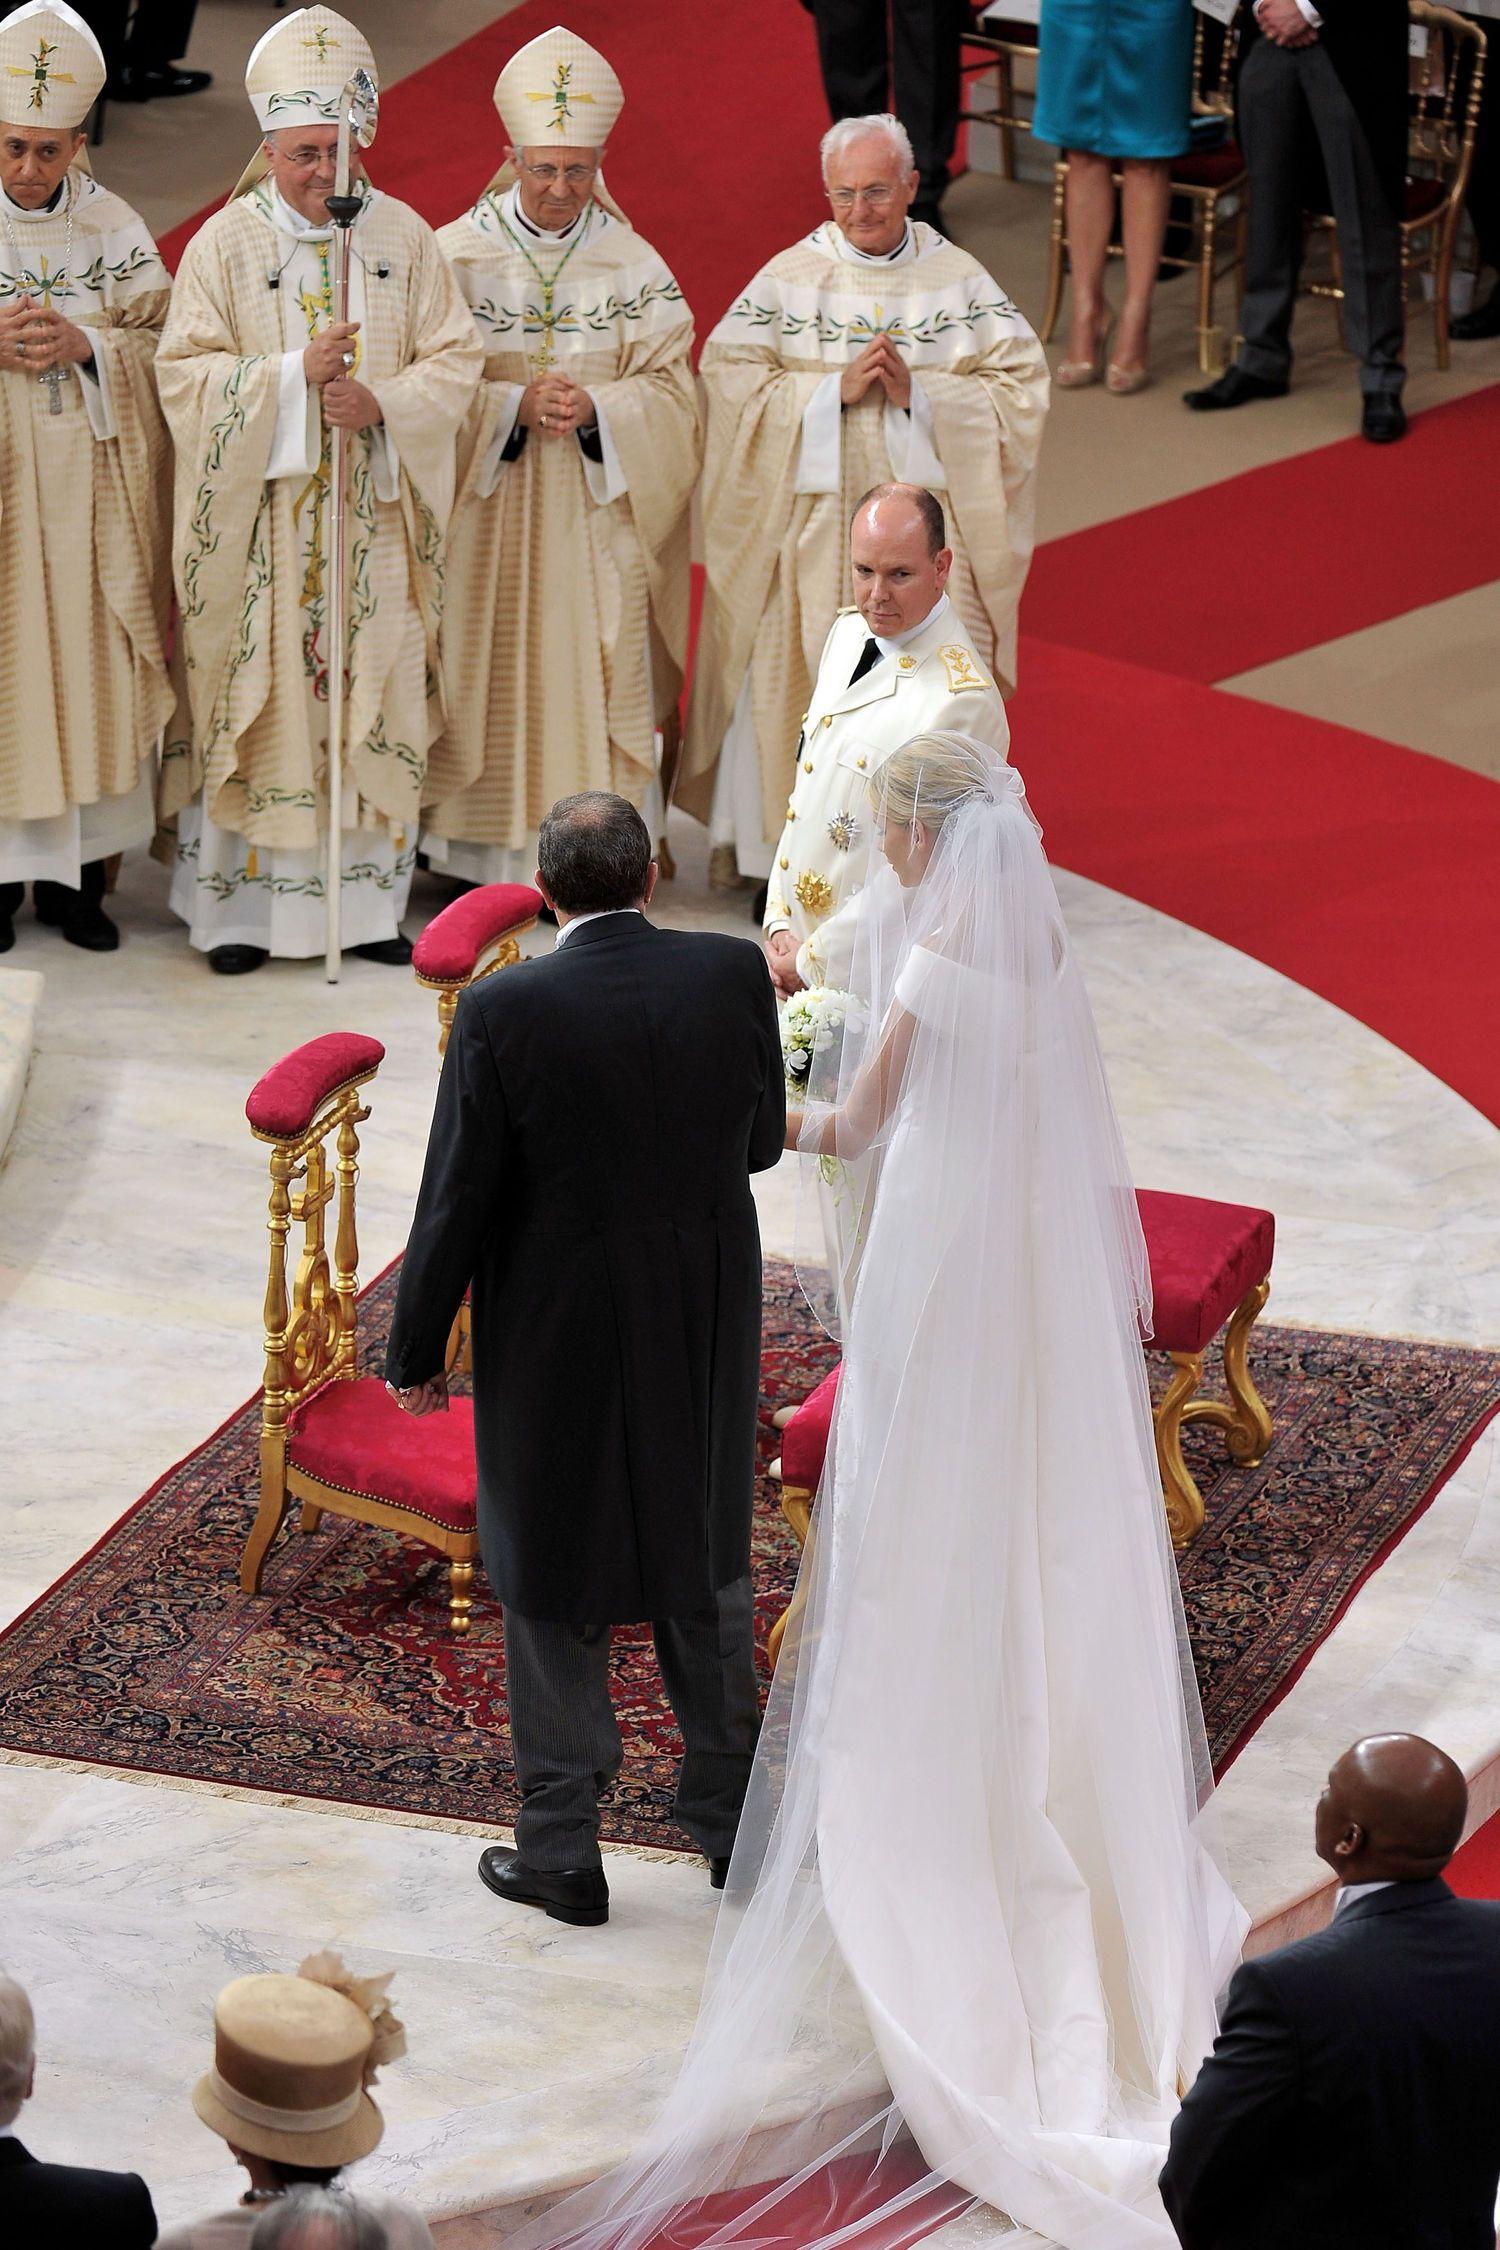 Hochzeit Albert Und Charlene Die Besten Bilder Hochzeitsalbum Hochzeitsalbum Konigliche Hochzeit Hochzeit